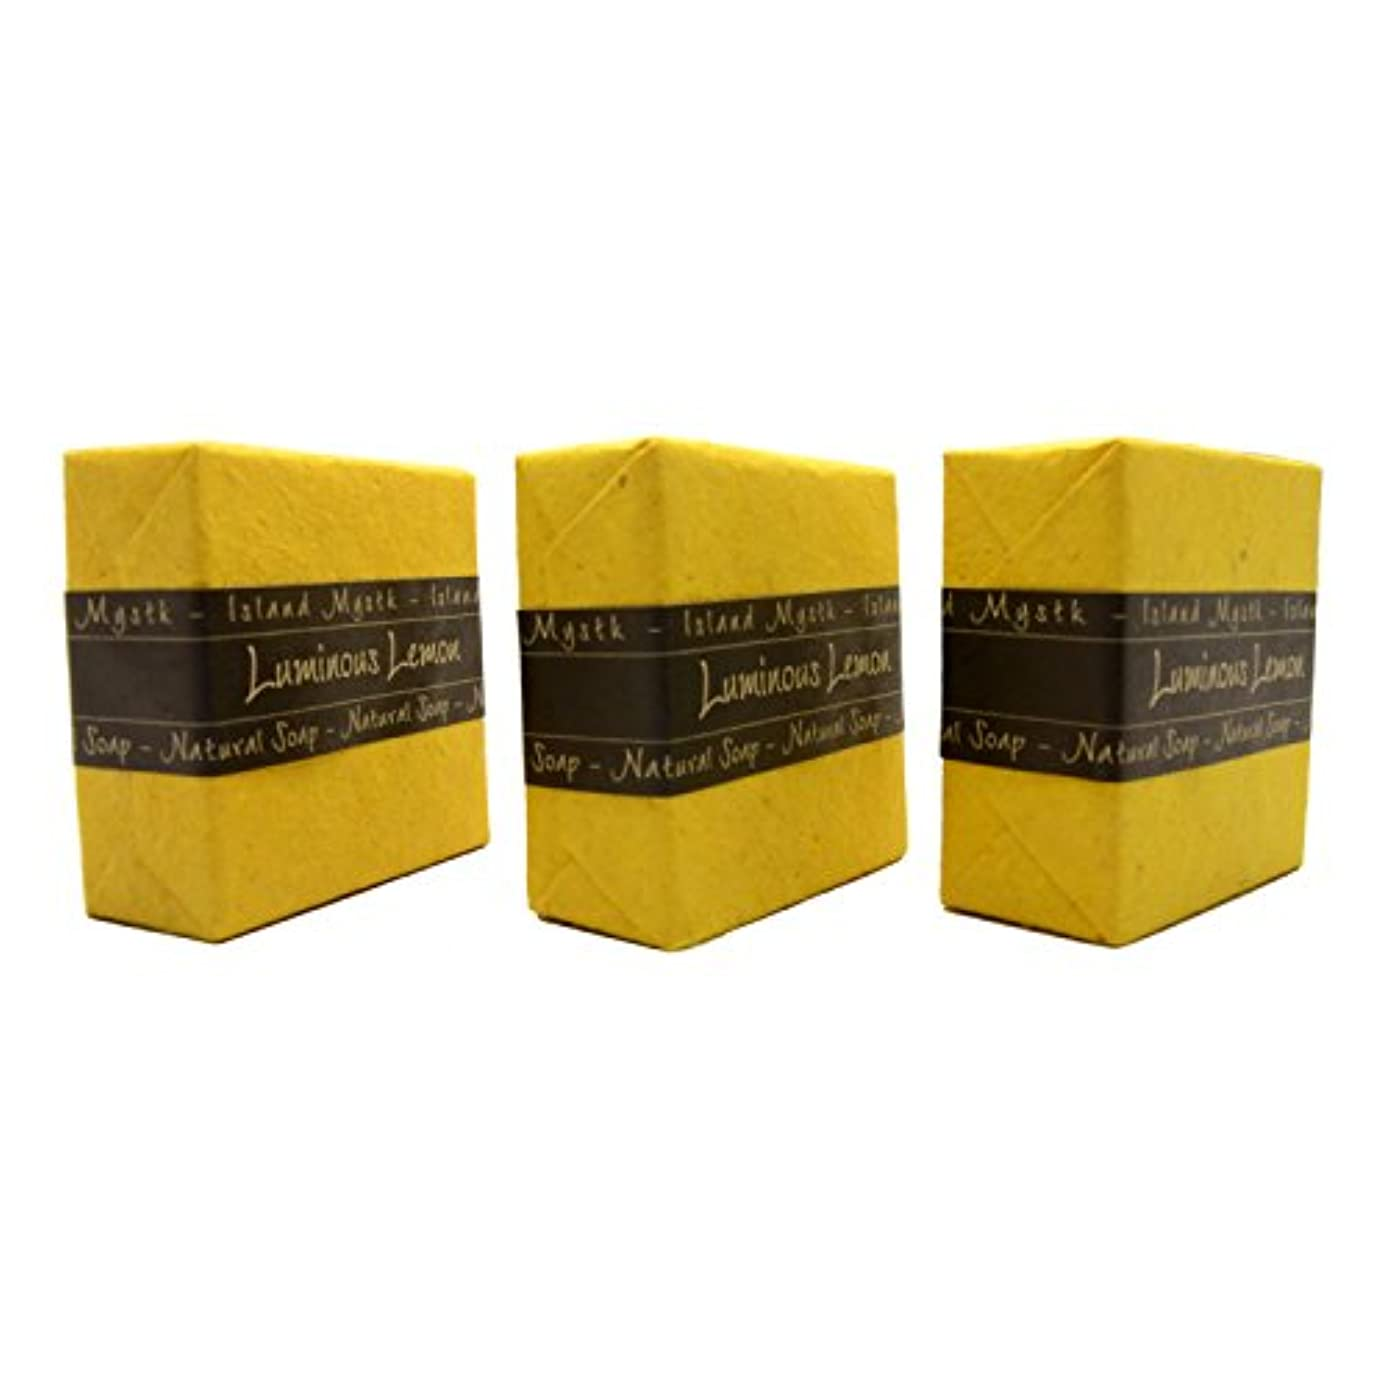 花火きゅうり寝室アイランドミスティック ルミナスレモン 3個セット 115g×3 ココナッツ石鹸 バリ島 Island Mystk 天然素材100% 無添加 オーガニック